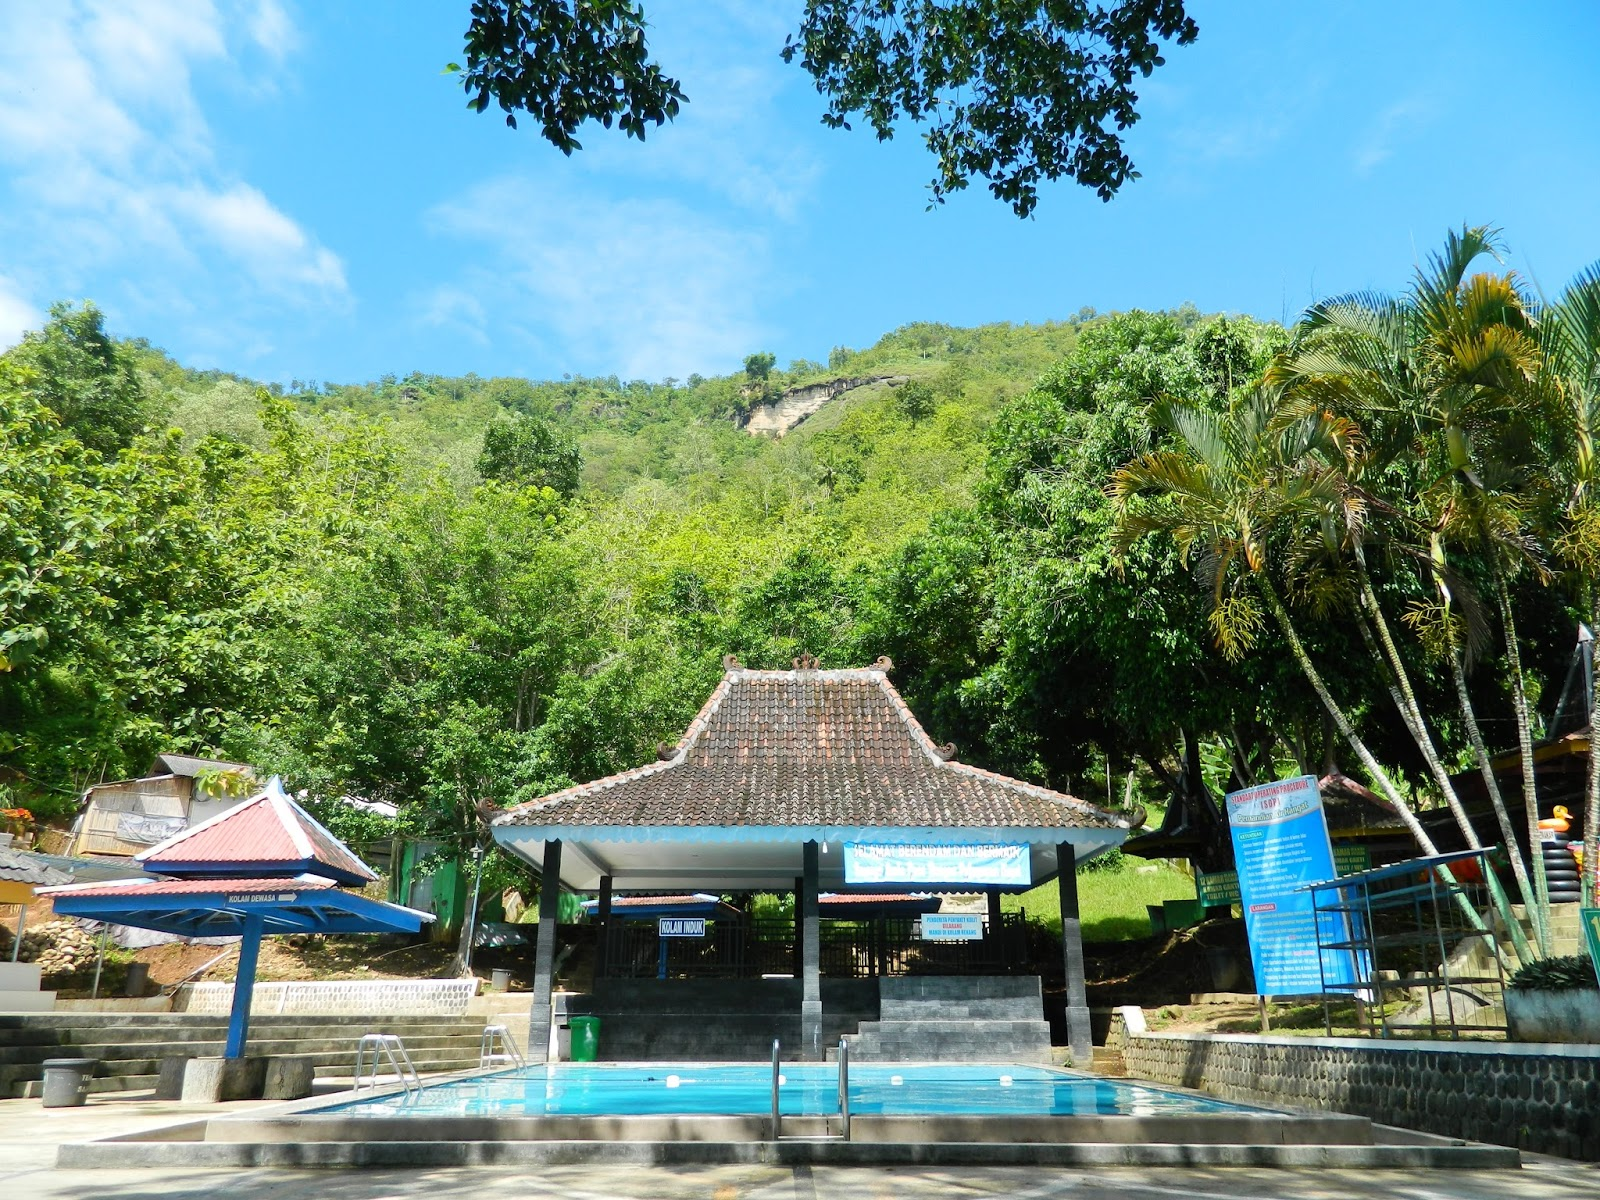 Banyu Anget Pacitan Pariwisata Tirto Husodo Tempat Rekreasi Ter Populer